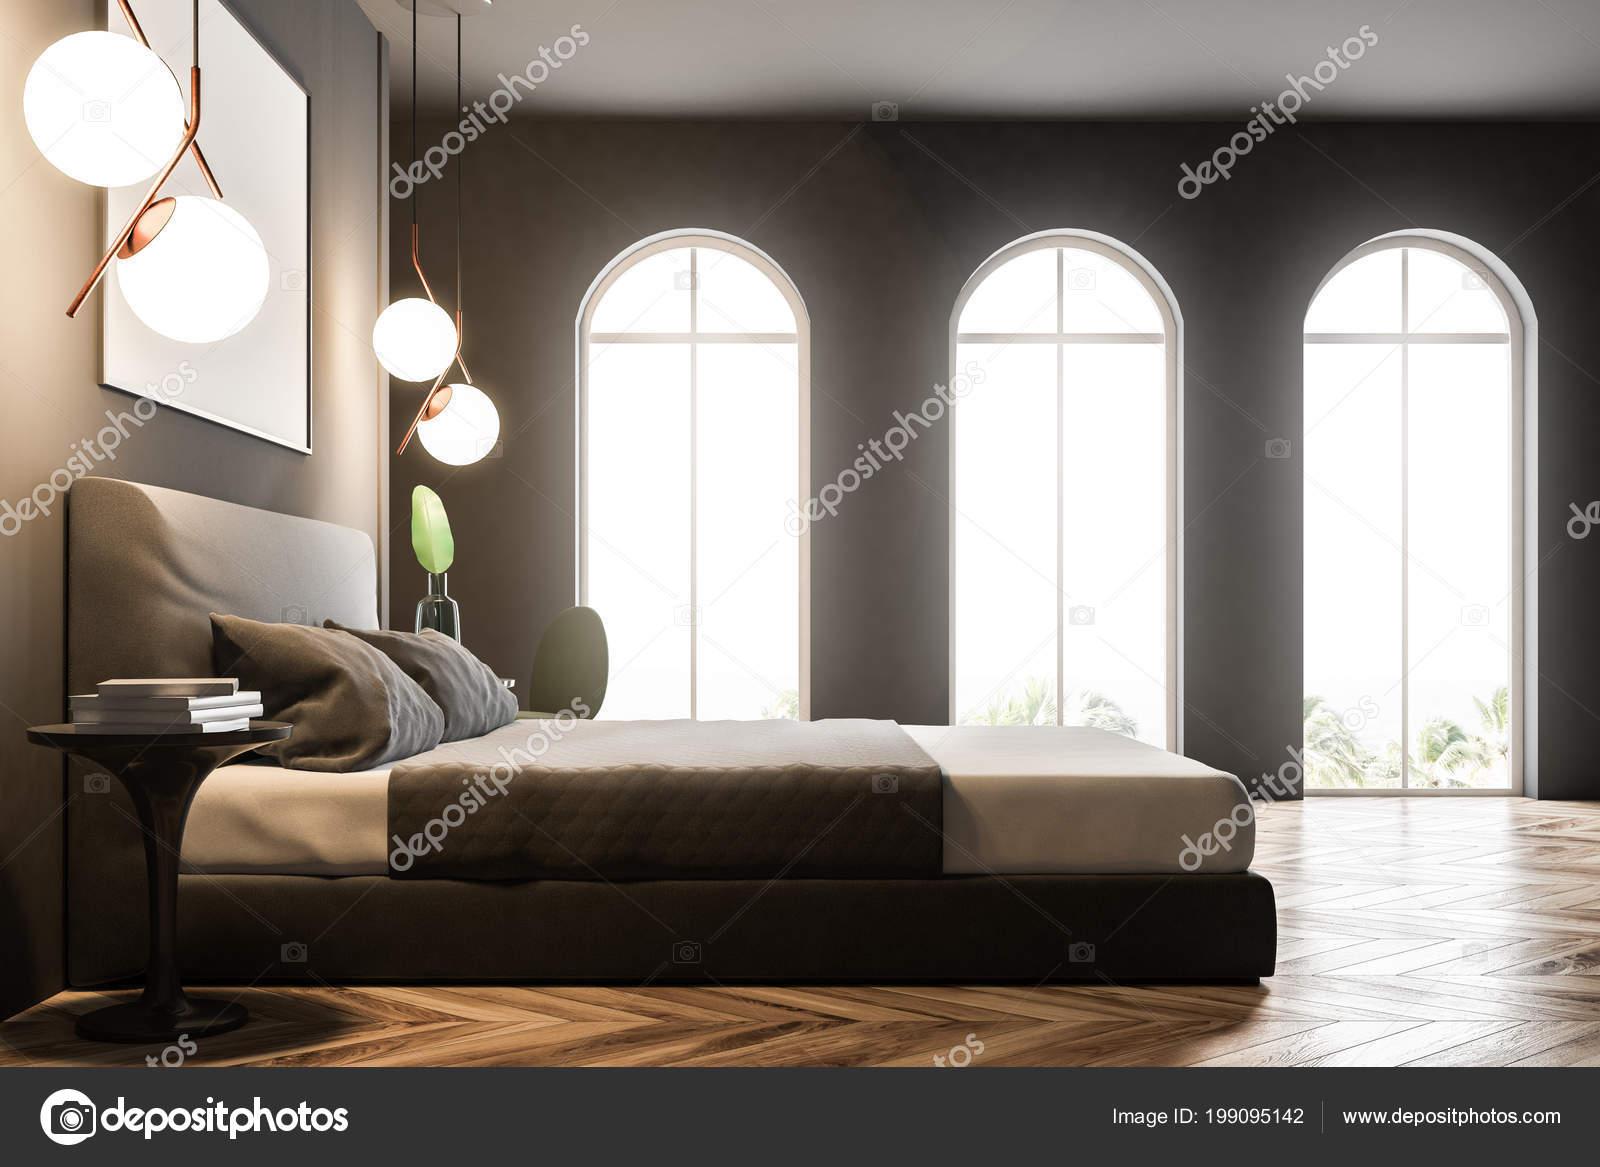 Slaapkamer Interieur Grijs : Zijaanzicht van een slaapkamer interieur met grijze muren een